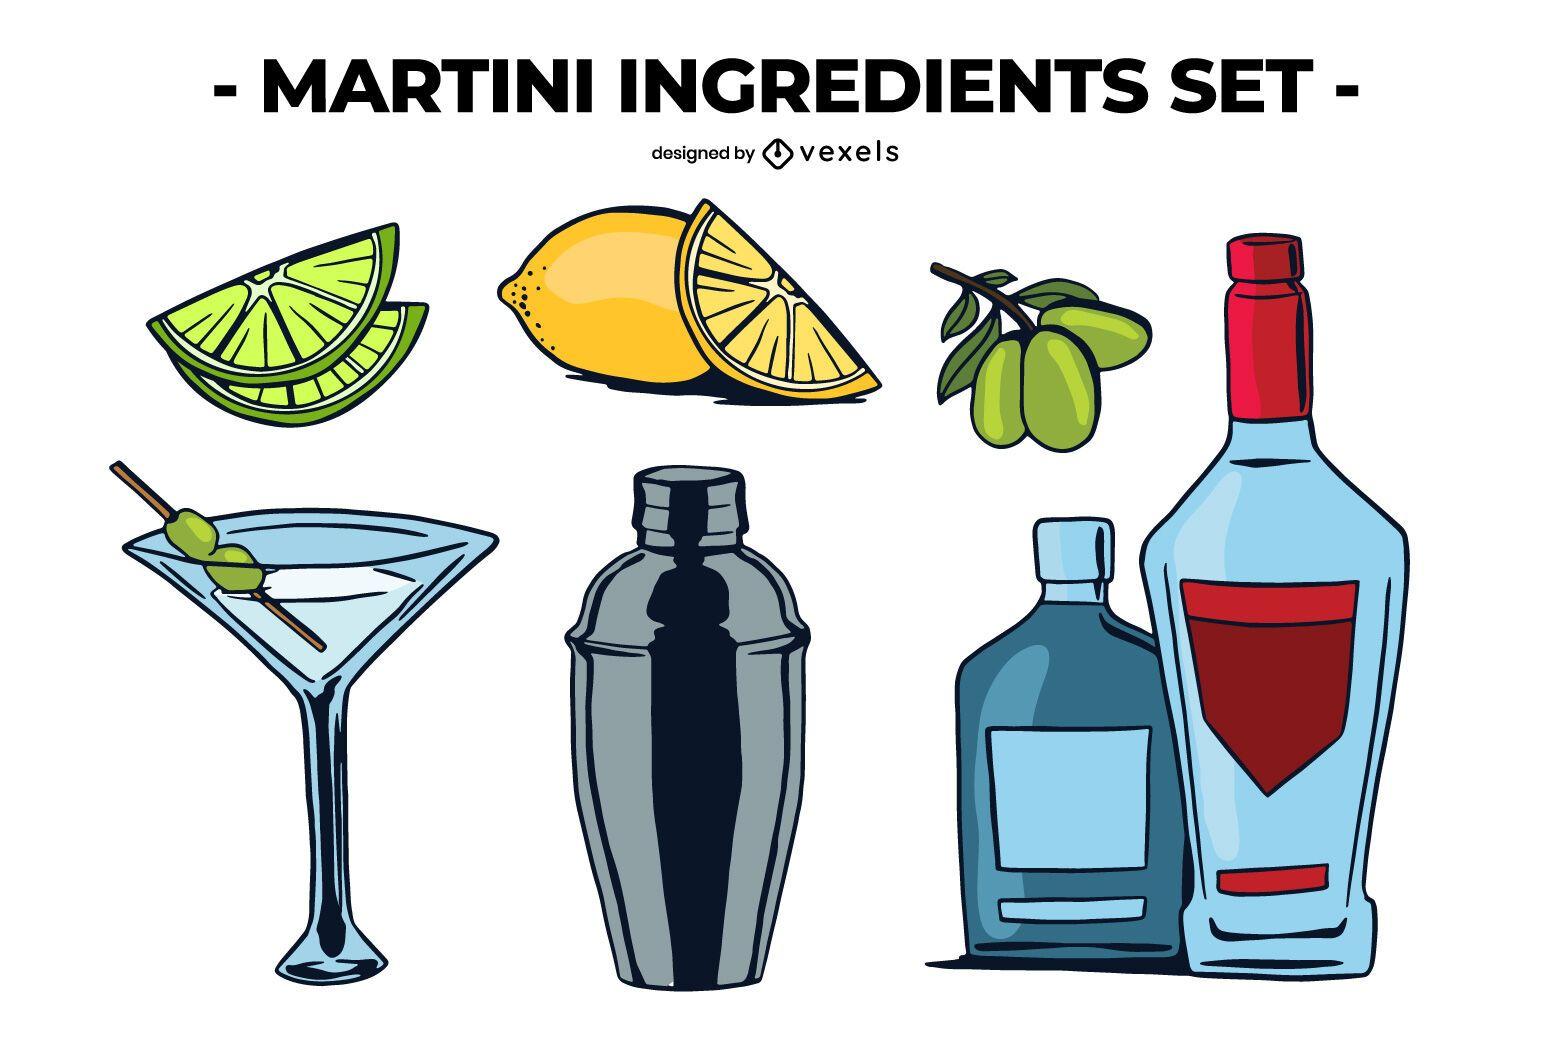 Martini ingredients set